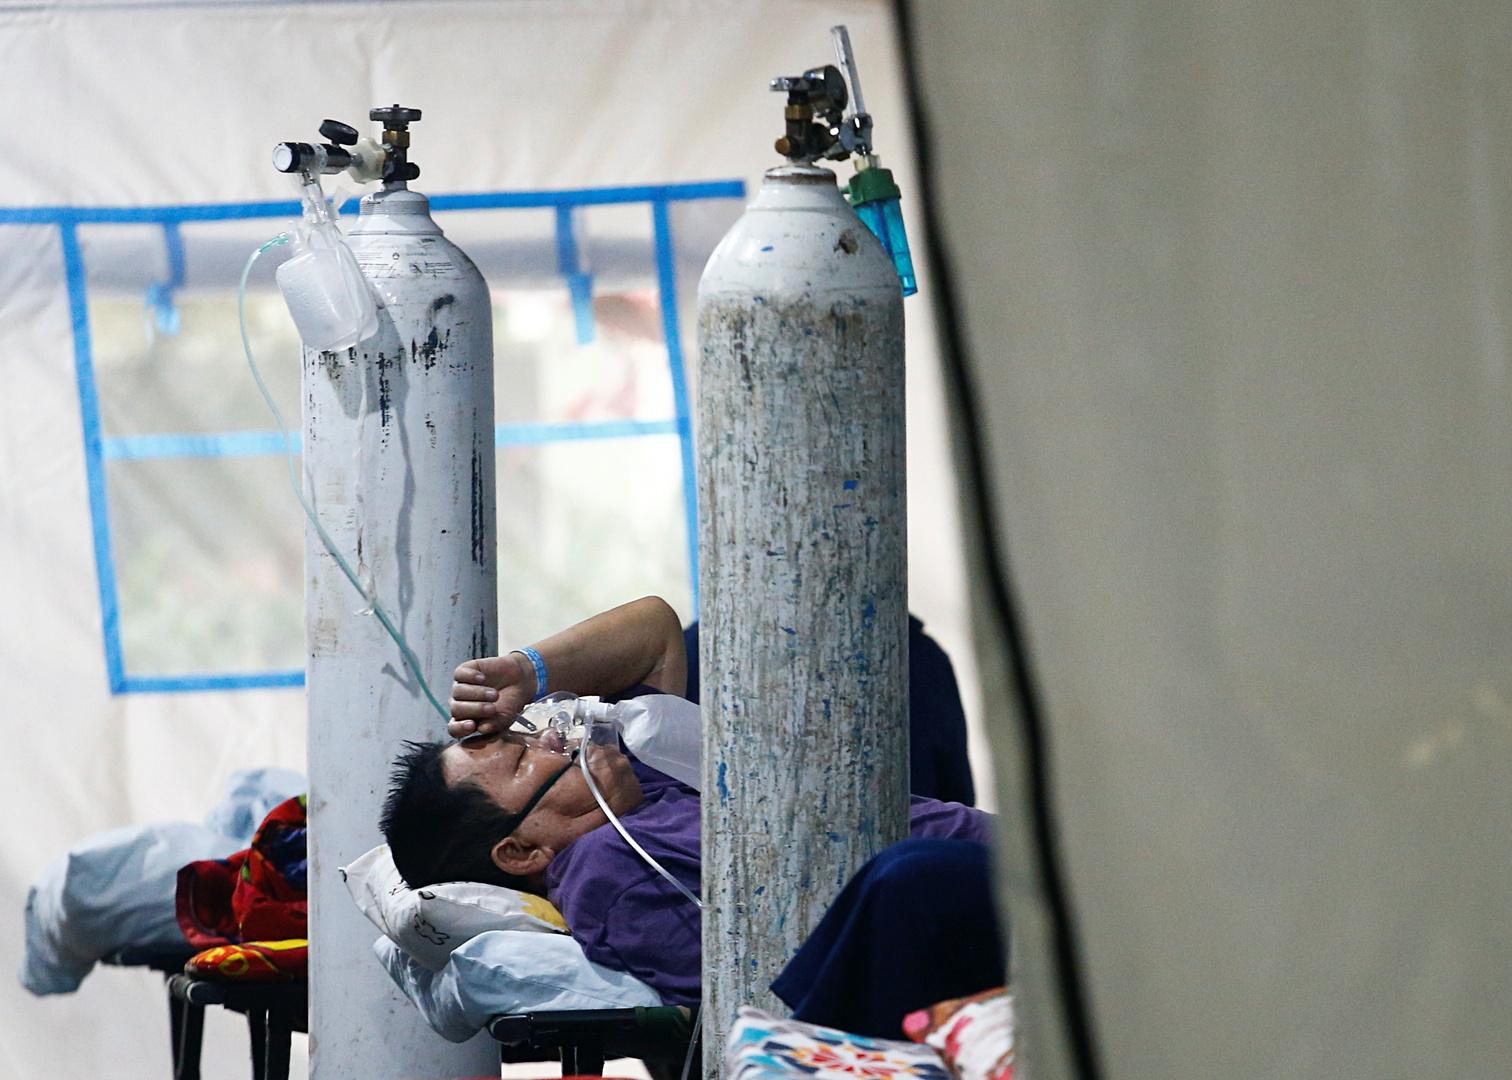 إندونيسيا تسجل ثاني قفزة غير مسبوقة في إصابات كورونا خلال 24 ساعة